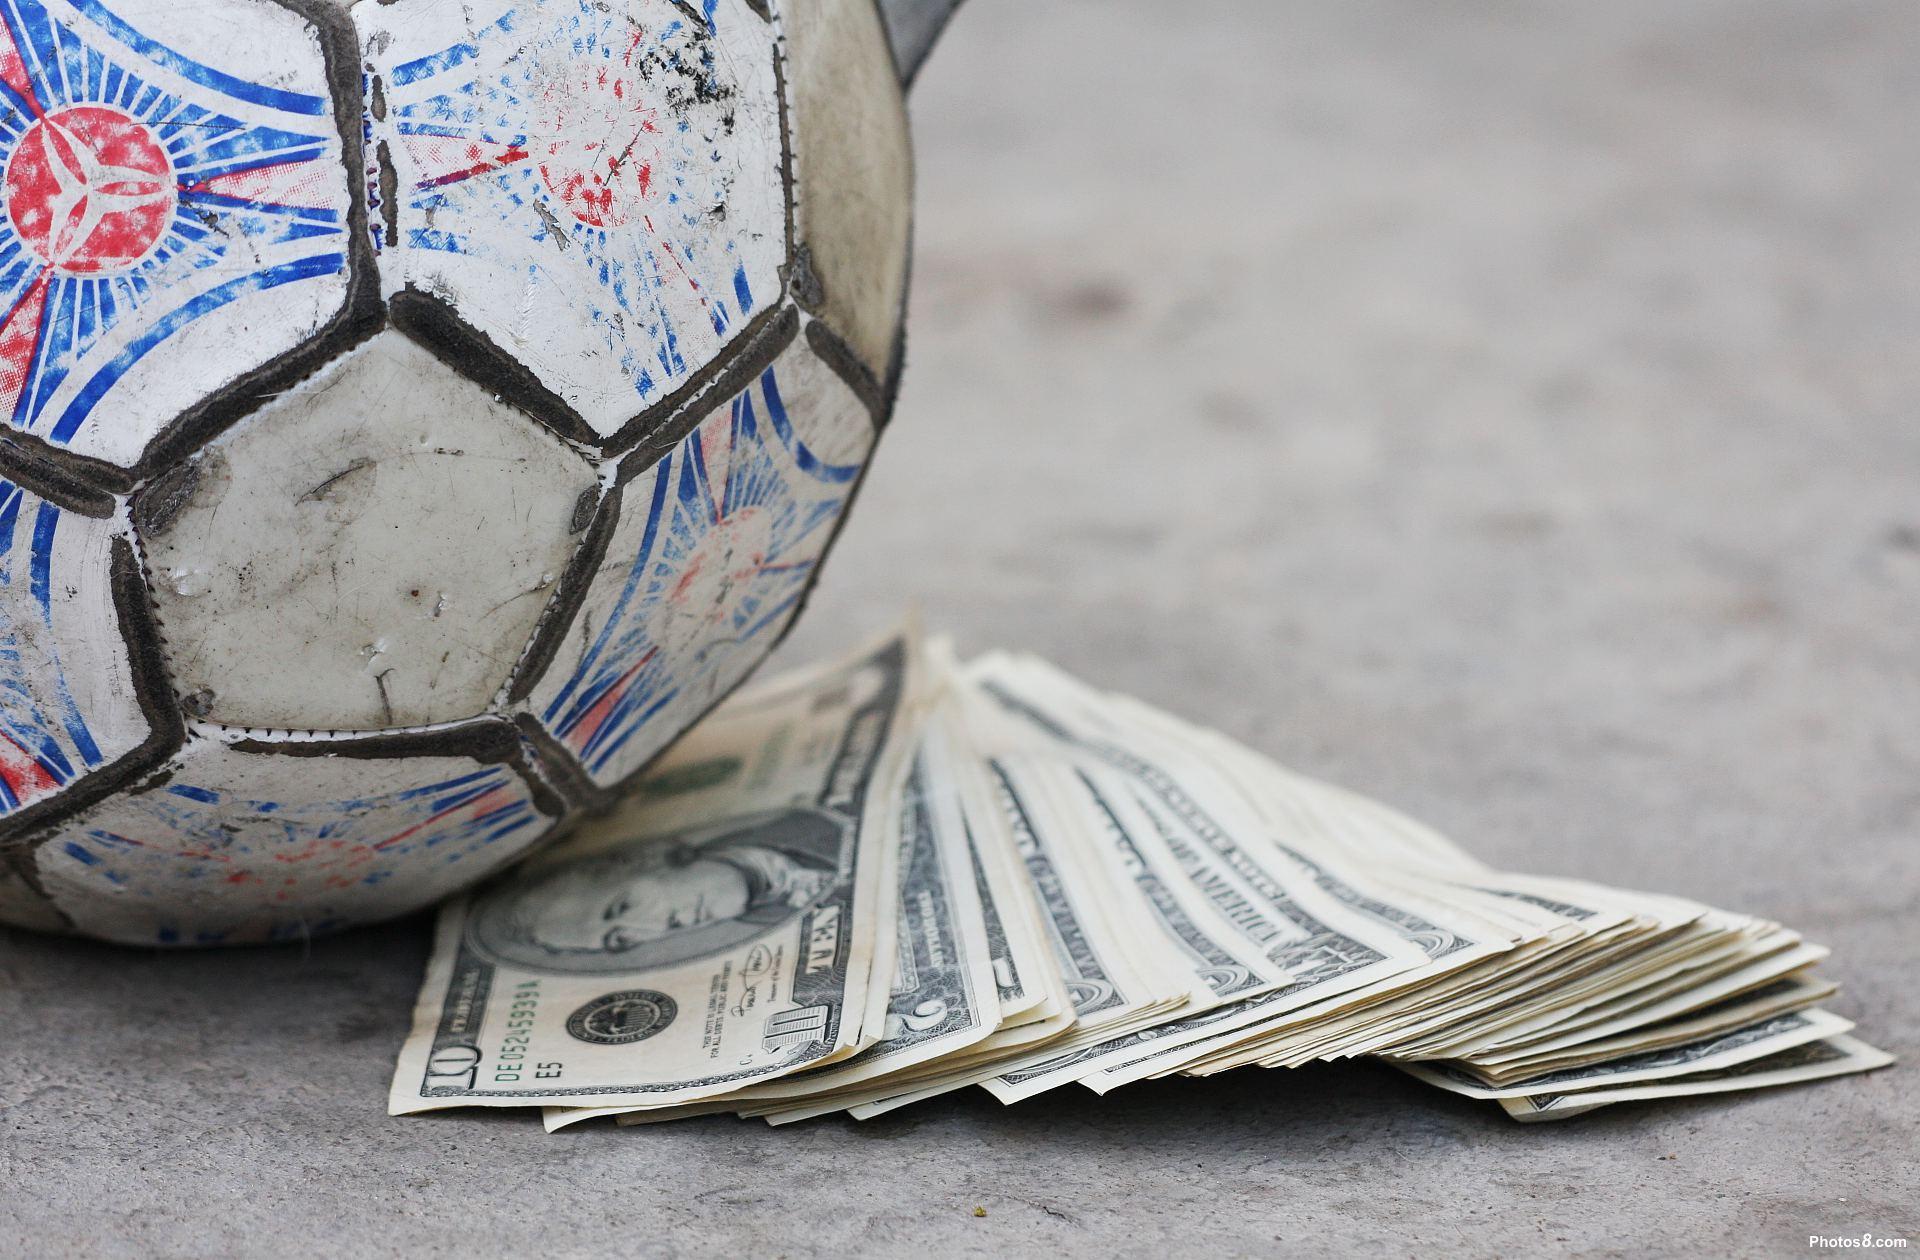 Спорт ставки деньги на самом ли деле можно заработать в интернете